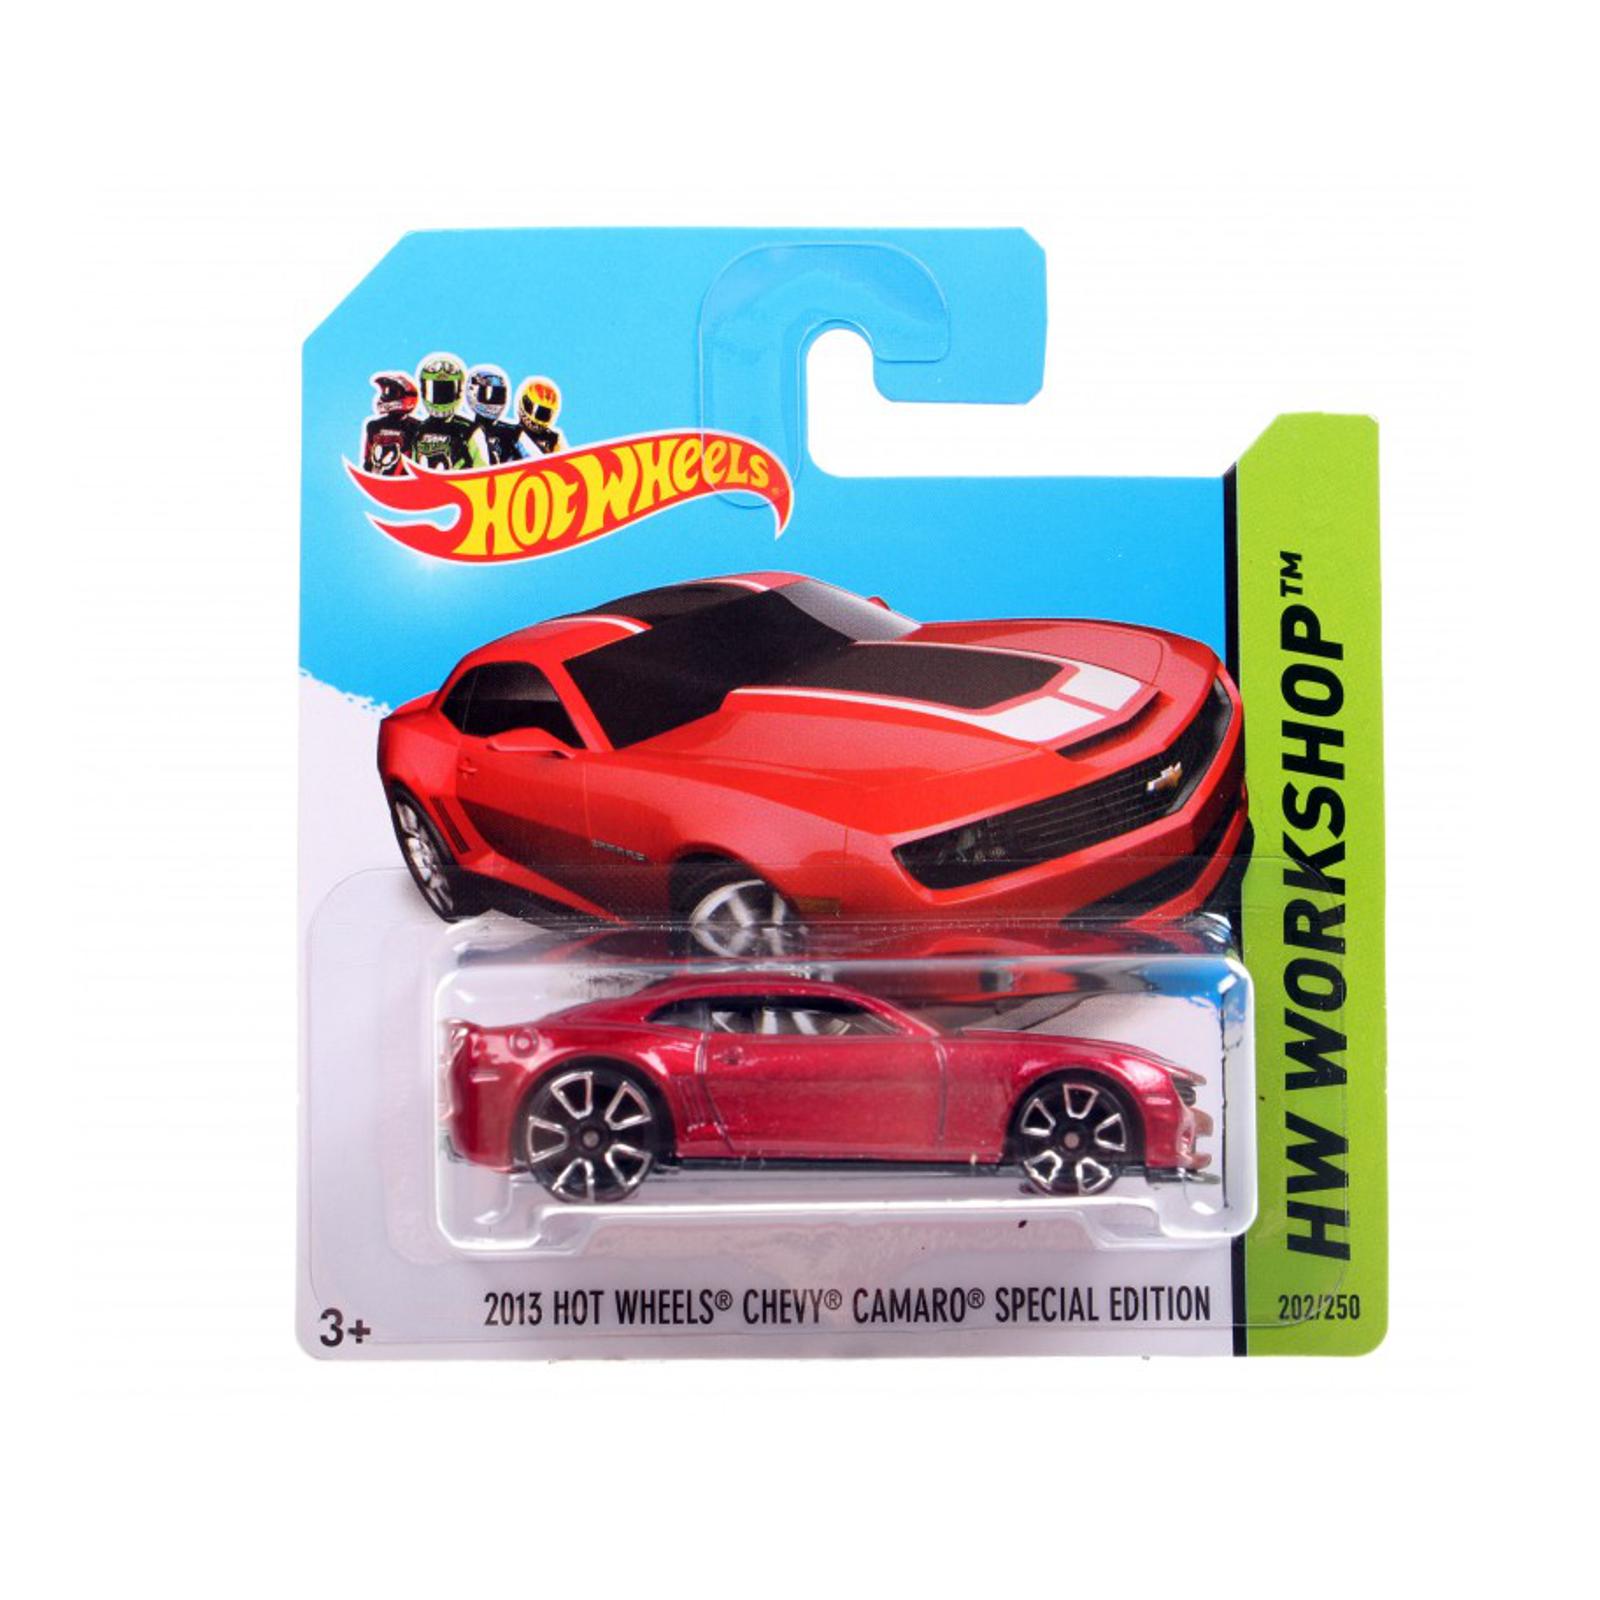 ����������� Hot Wheels ��� ������ 2013 Chevy Camaro Special Edition